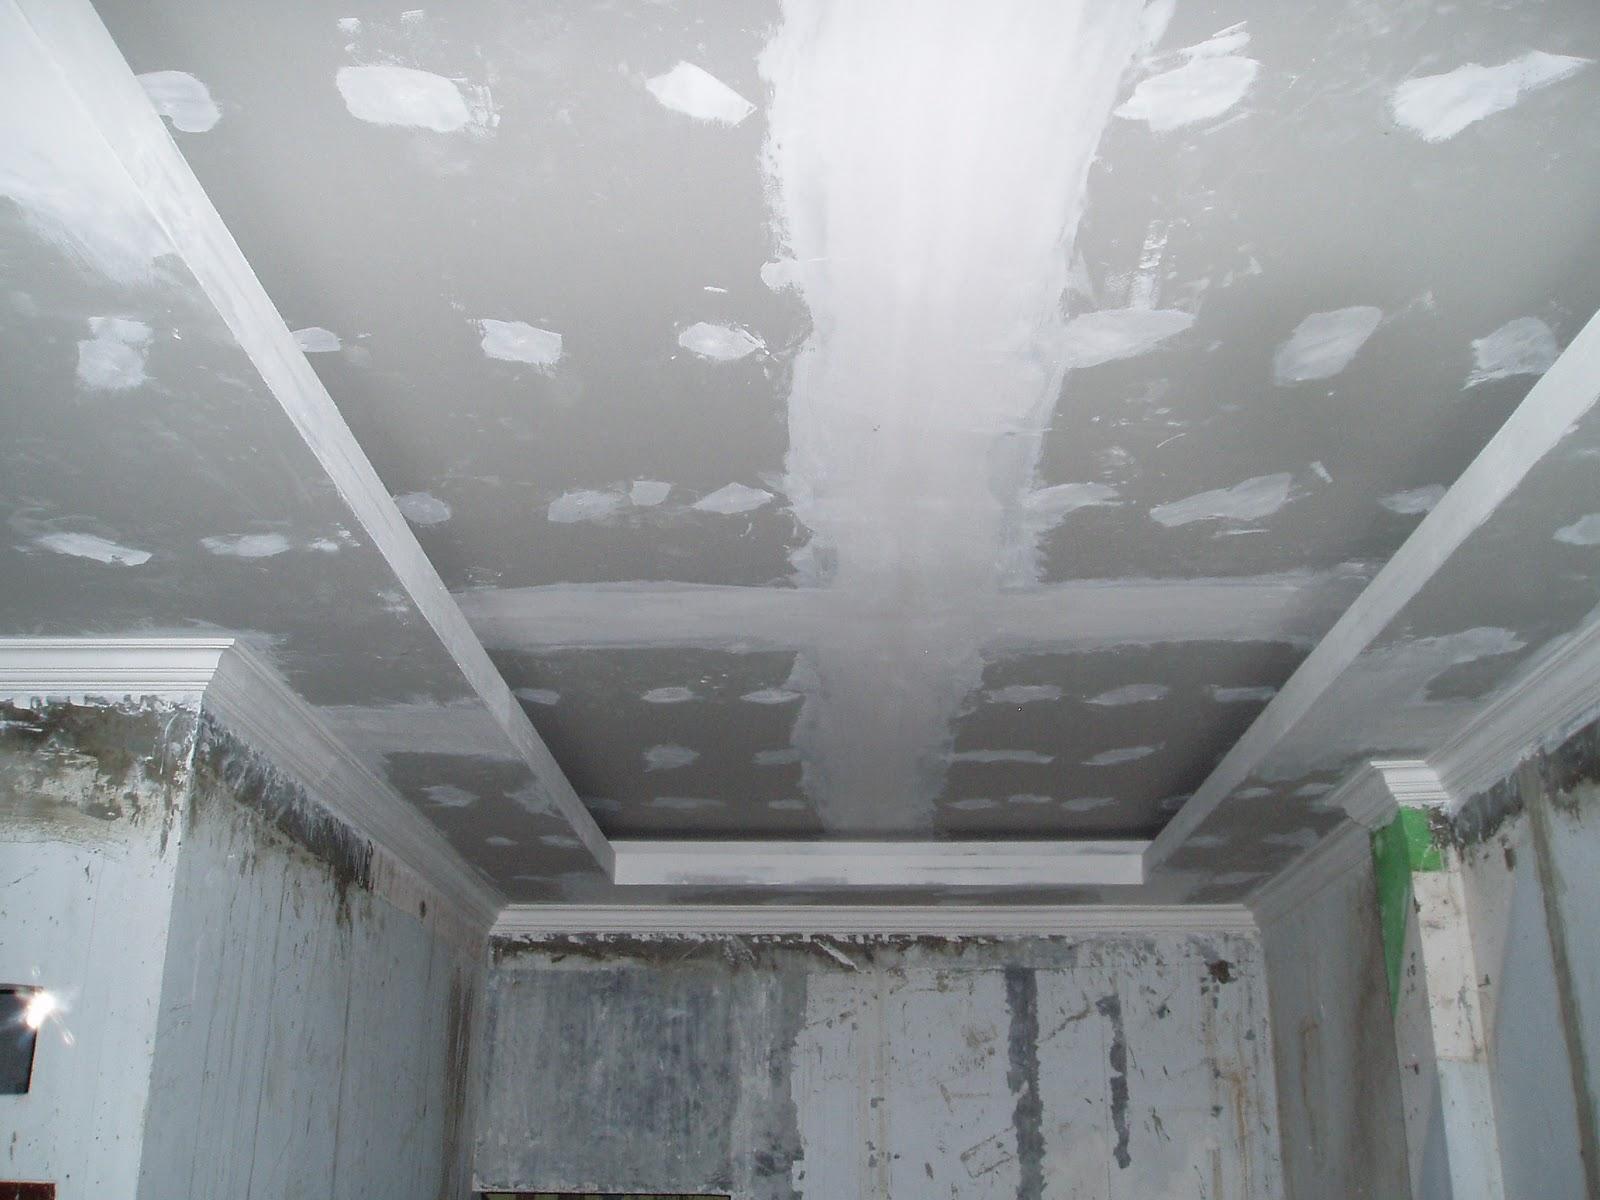 Утепление стены снаружи в панельном доме калуга